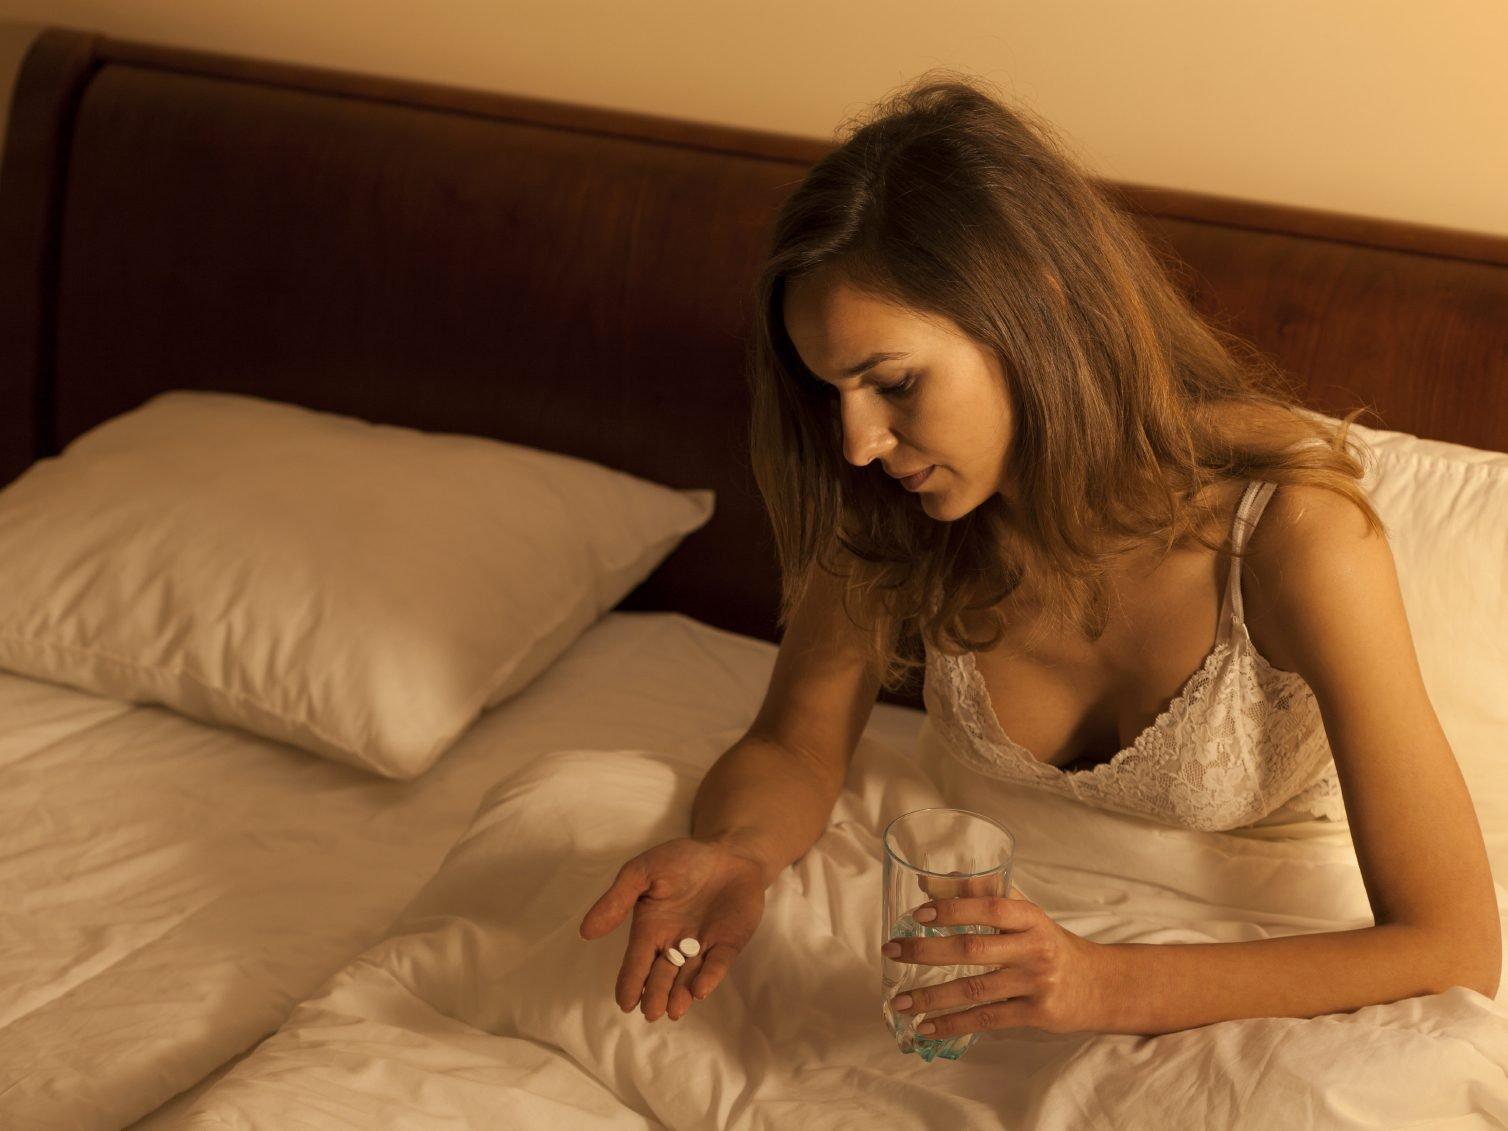 Le sommeil aide à guérir des symptômes de la gueule de bois.